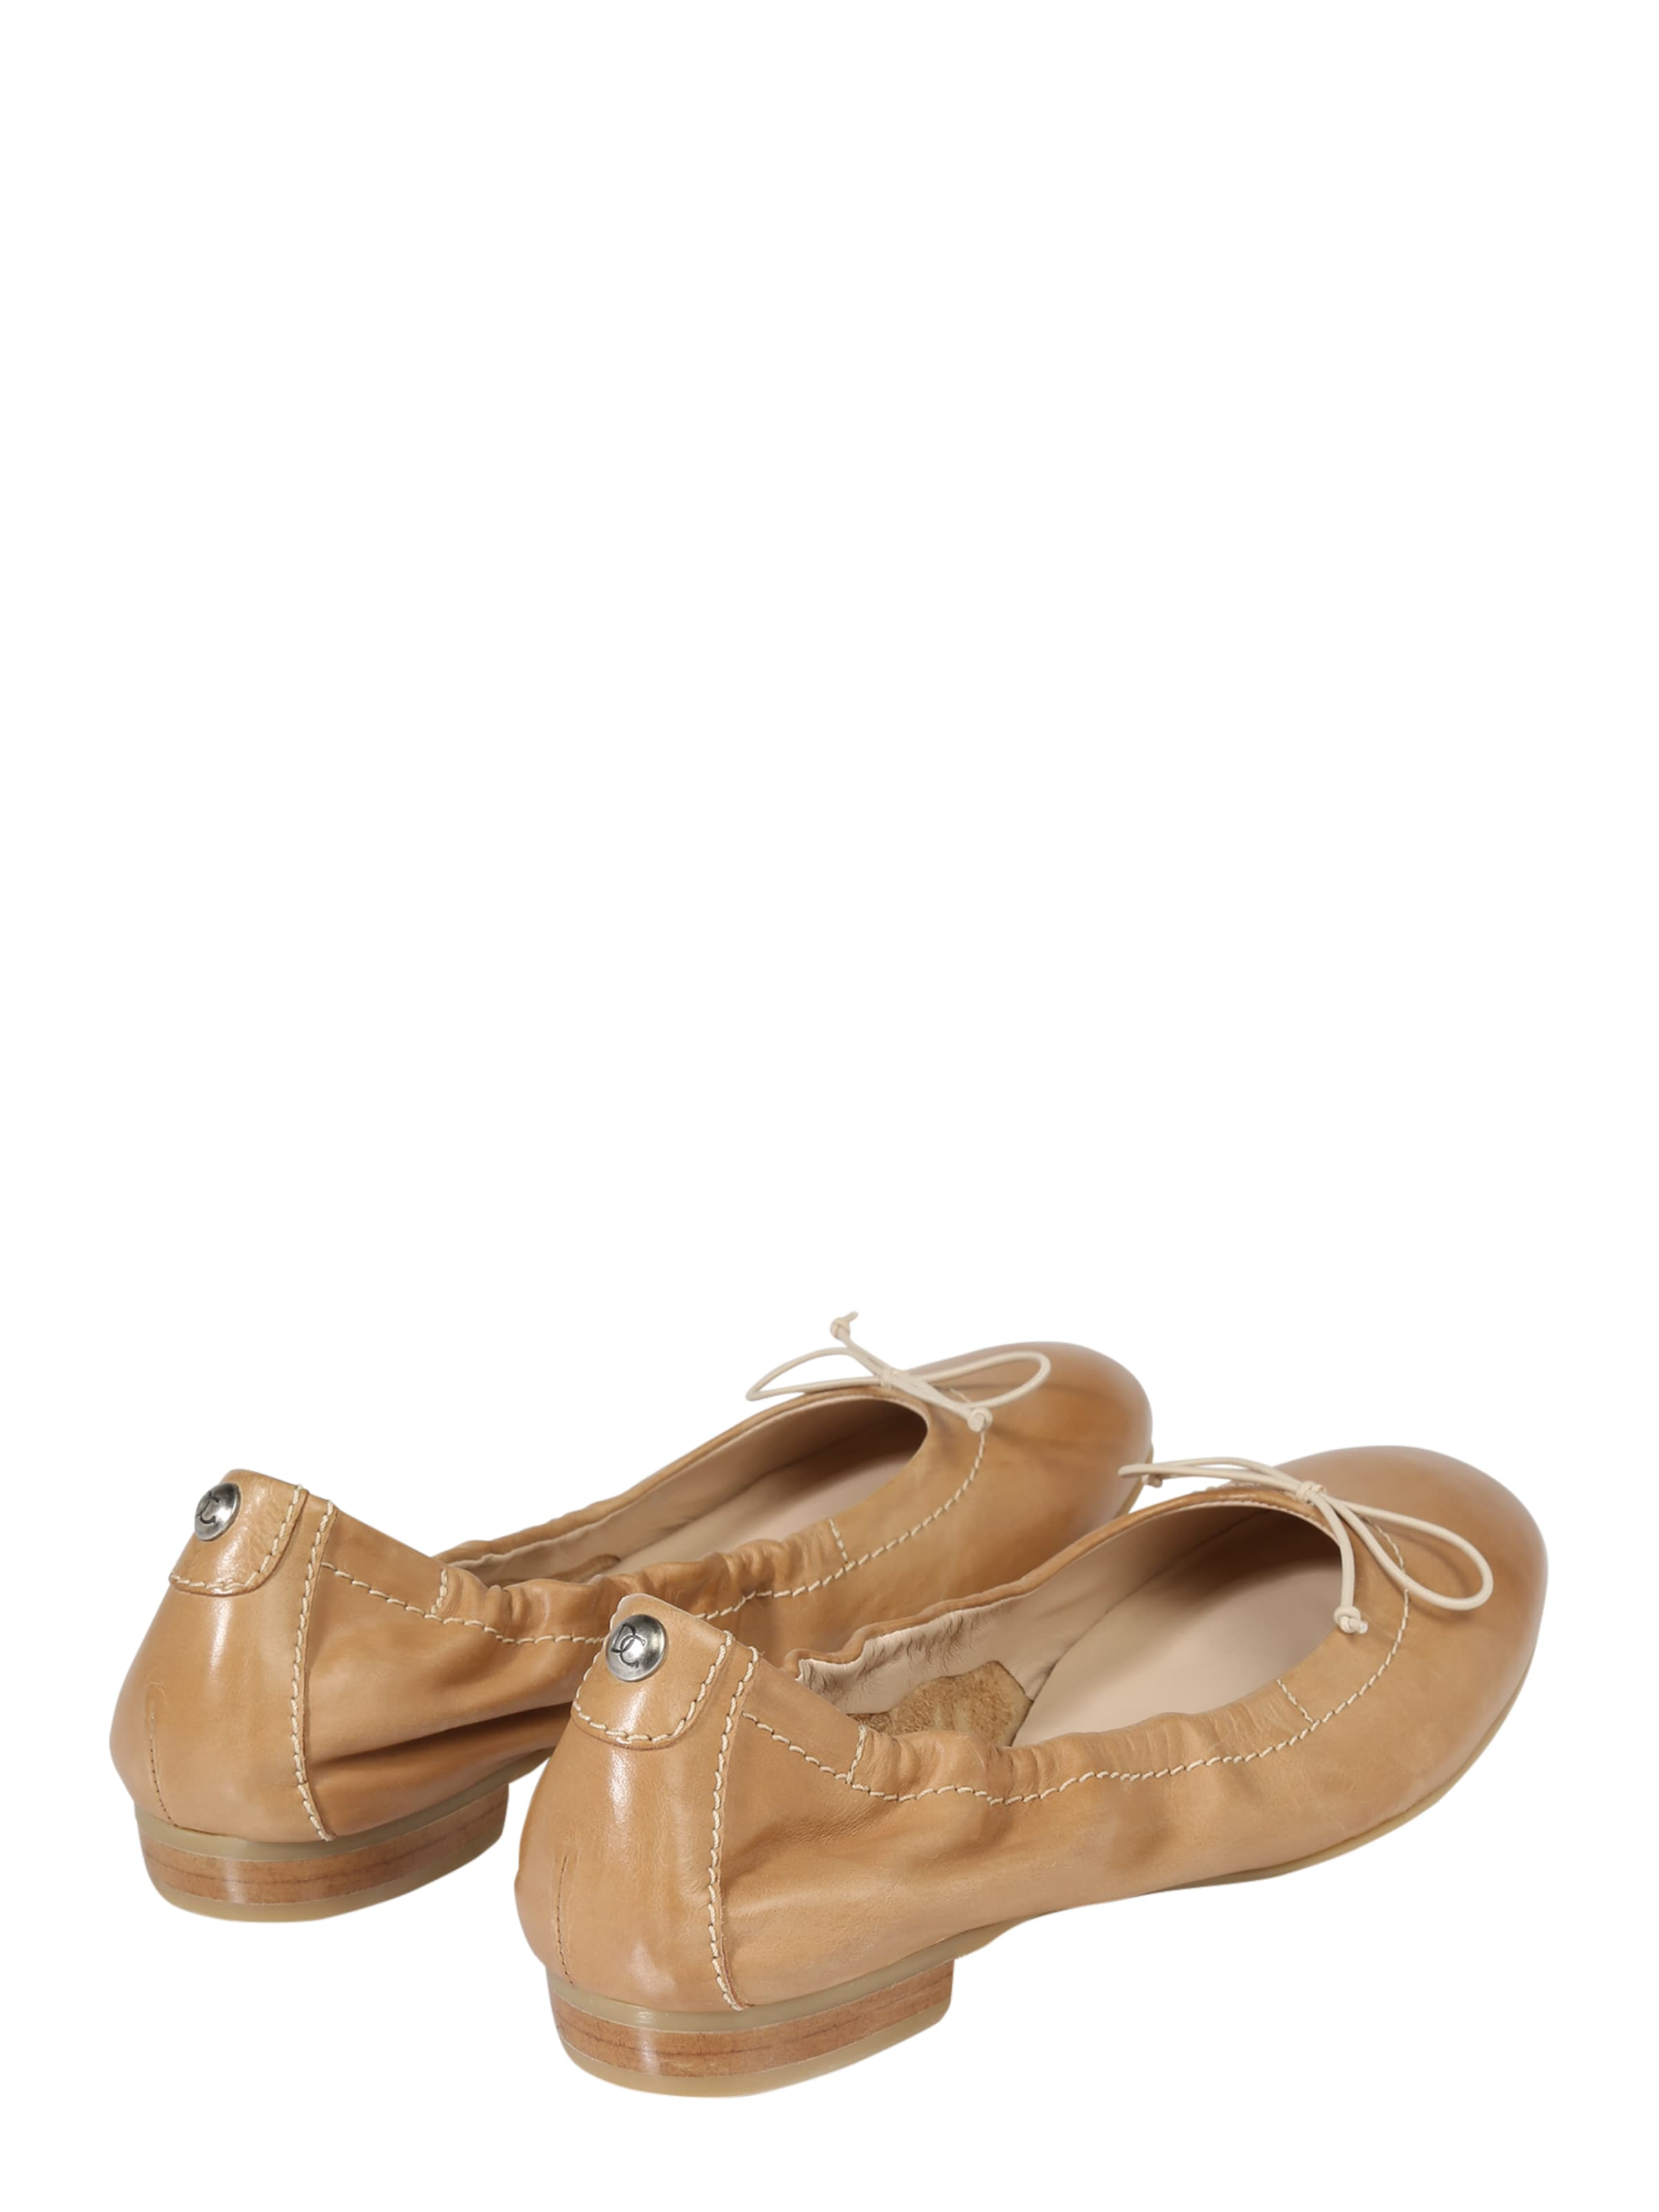 Donna Carolina Ballerina 'Aurora' Verkauf Footaction 8eJRkr2NJ1